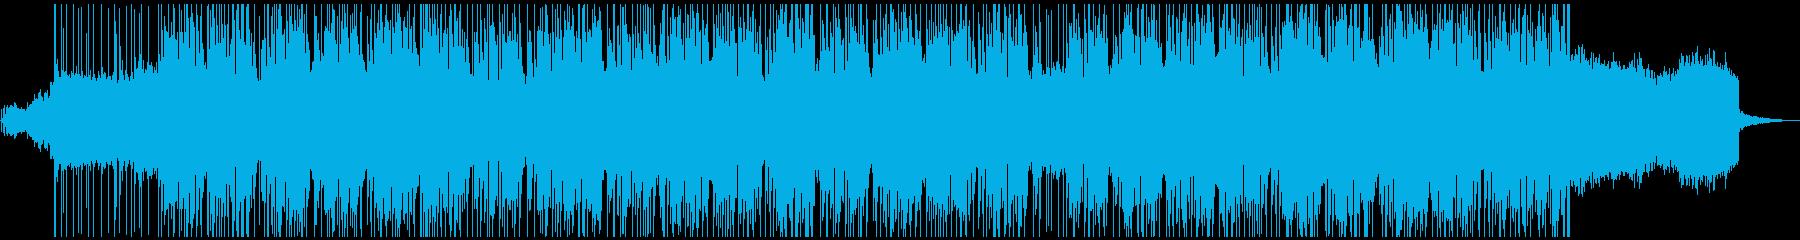 実験的な岩 バックシェイク ブレイ...の再生済みの波形